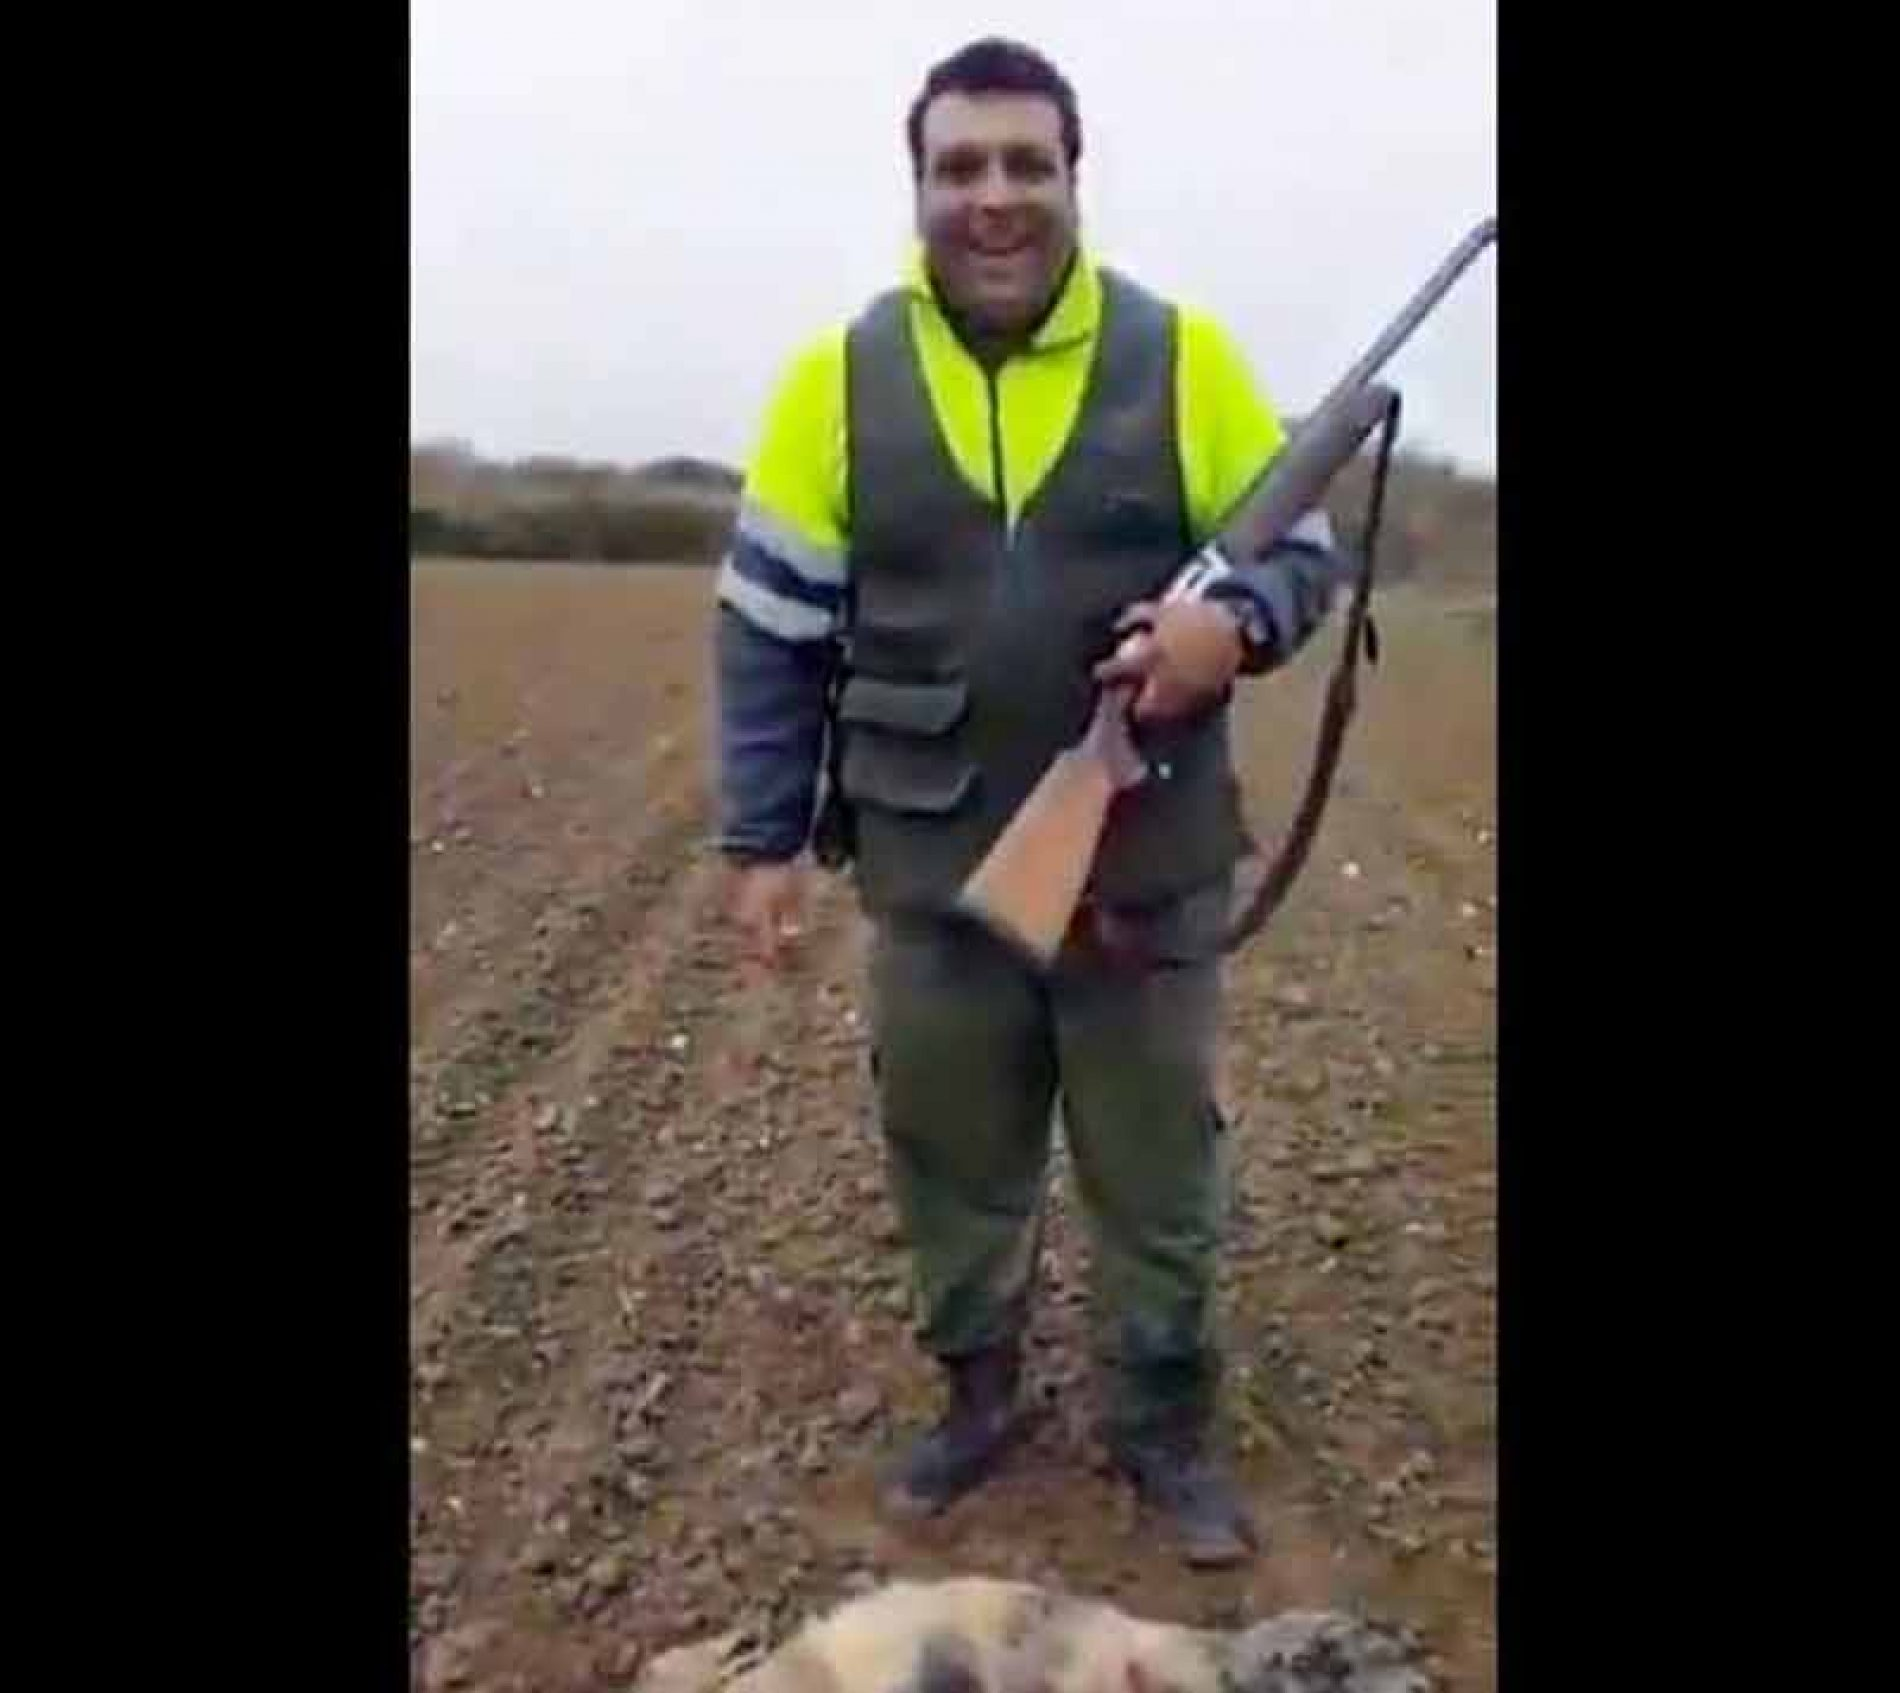 La RFEC prepara una denuncia contra el individuo que maltrata un zorro en un vídeo